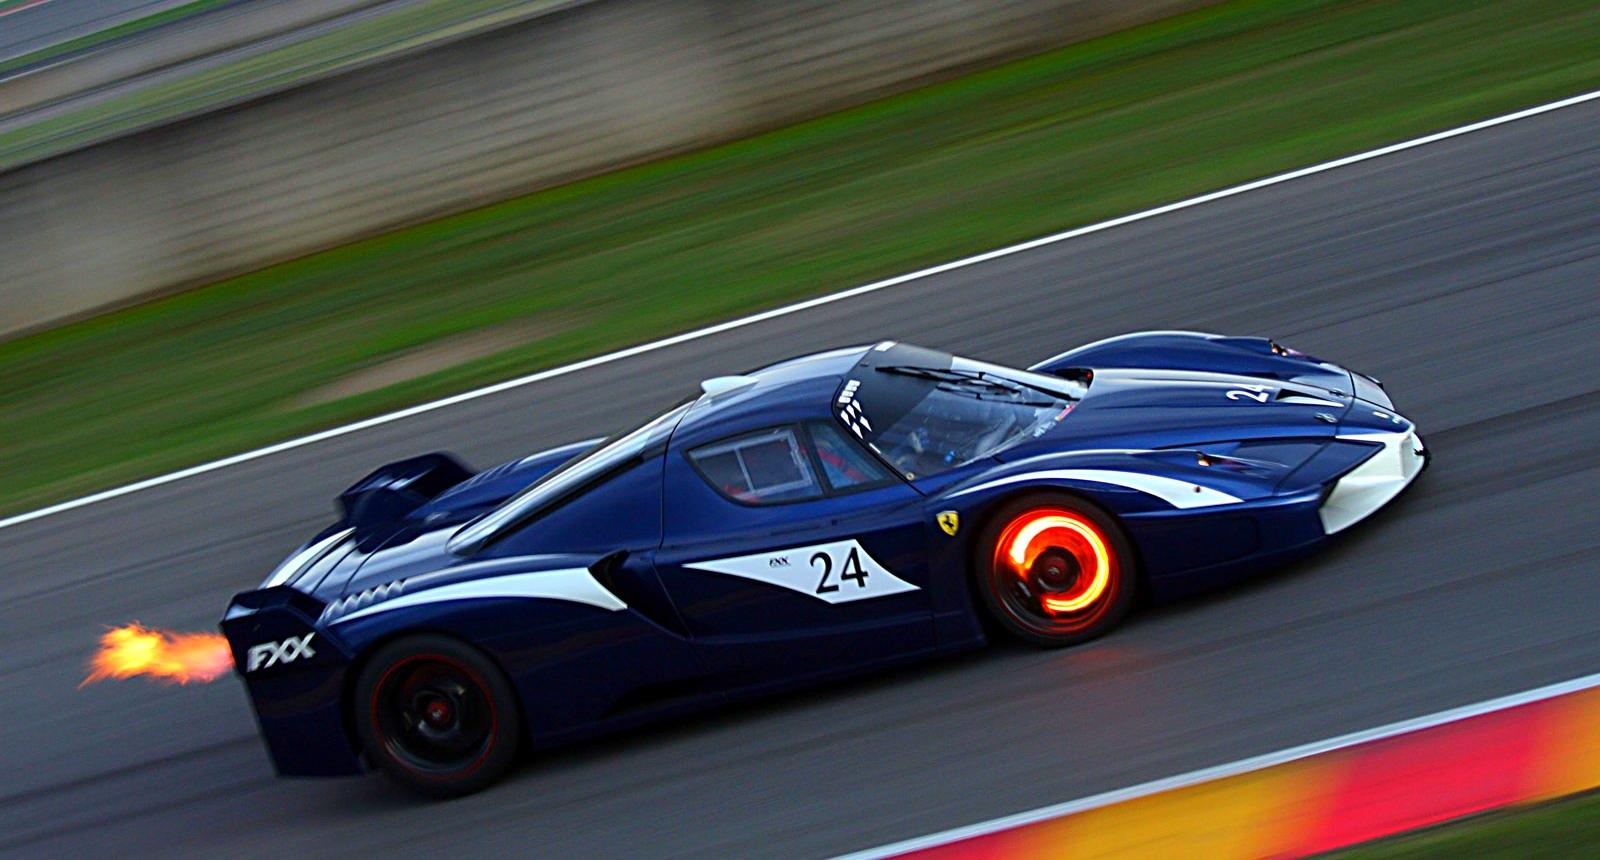 Ferrari FXX. Один из самых дорогих гоночных автомобилей бойцов Ф-1. Модель была выпущена тиражом в 30 штук